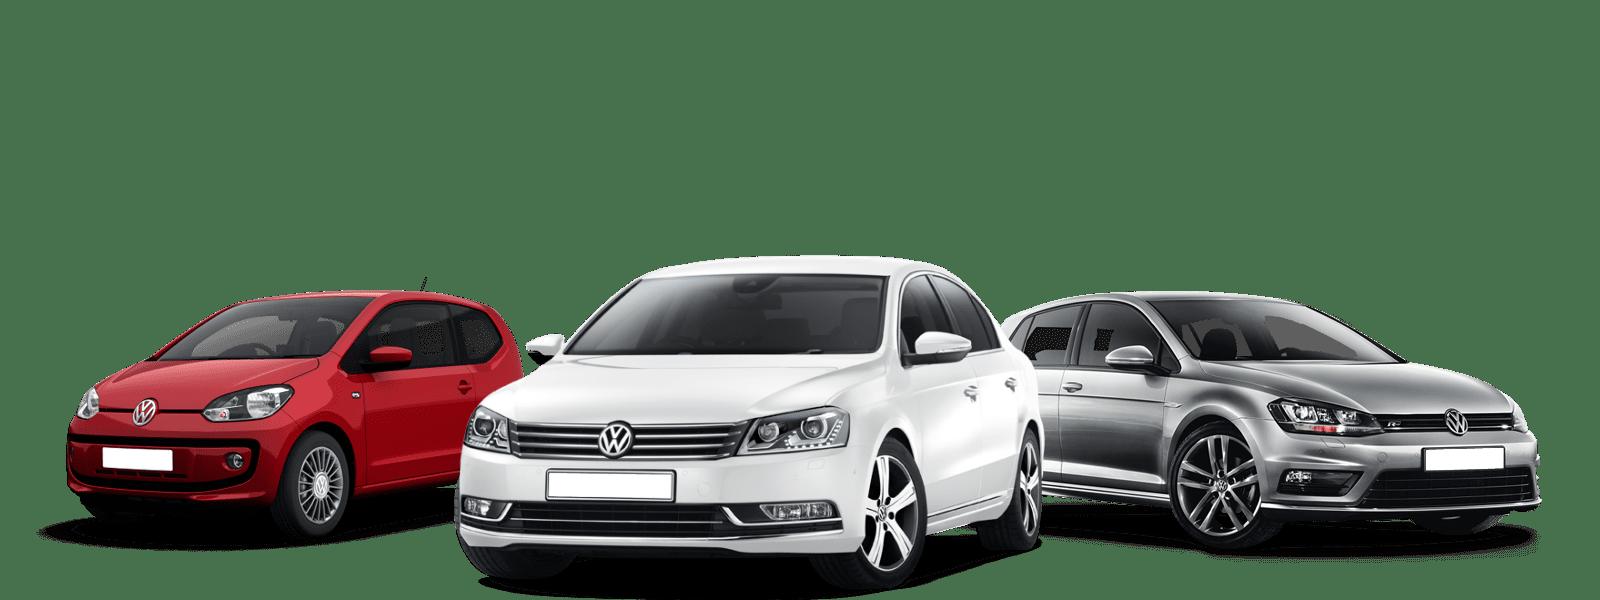 Car Rentals in Durban  522901b2158